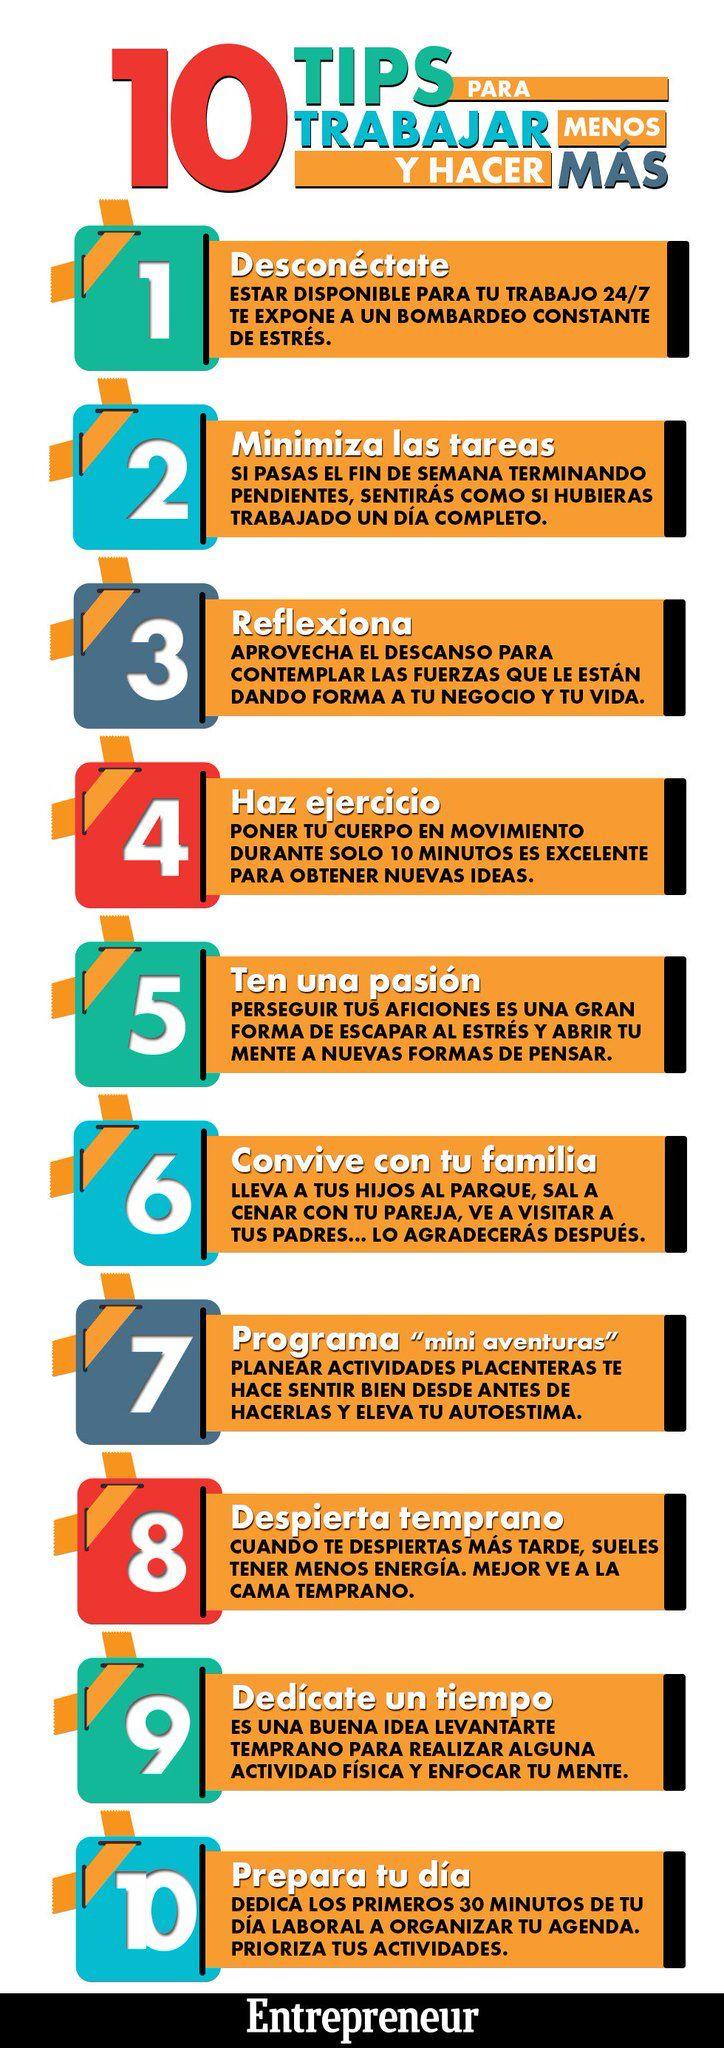 #Marketing #motivación #arteparaempresa